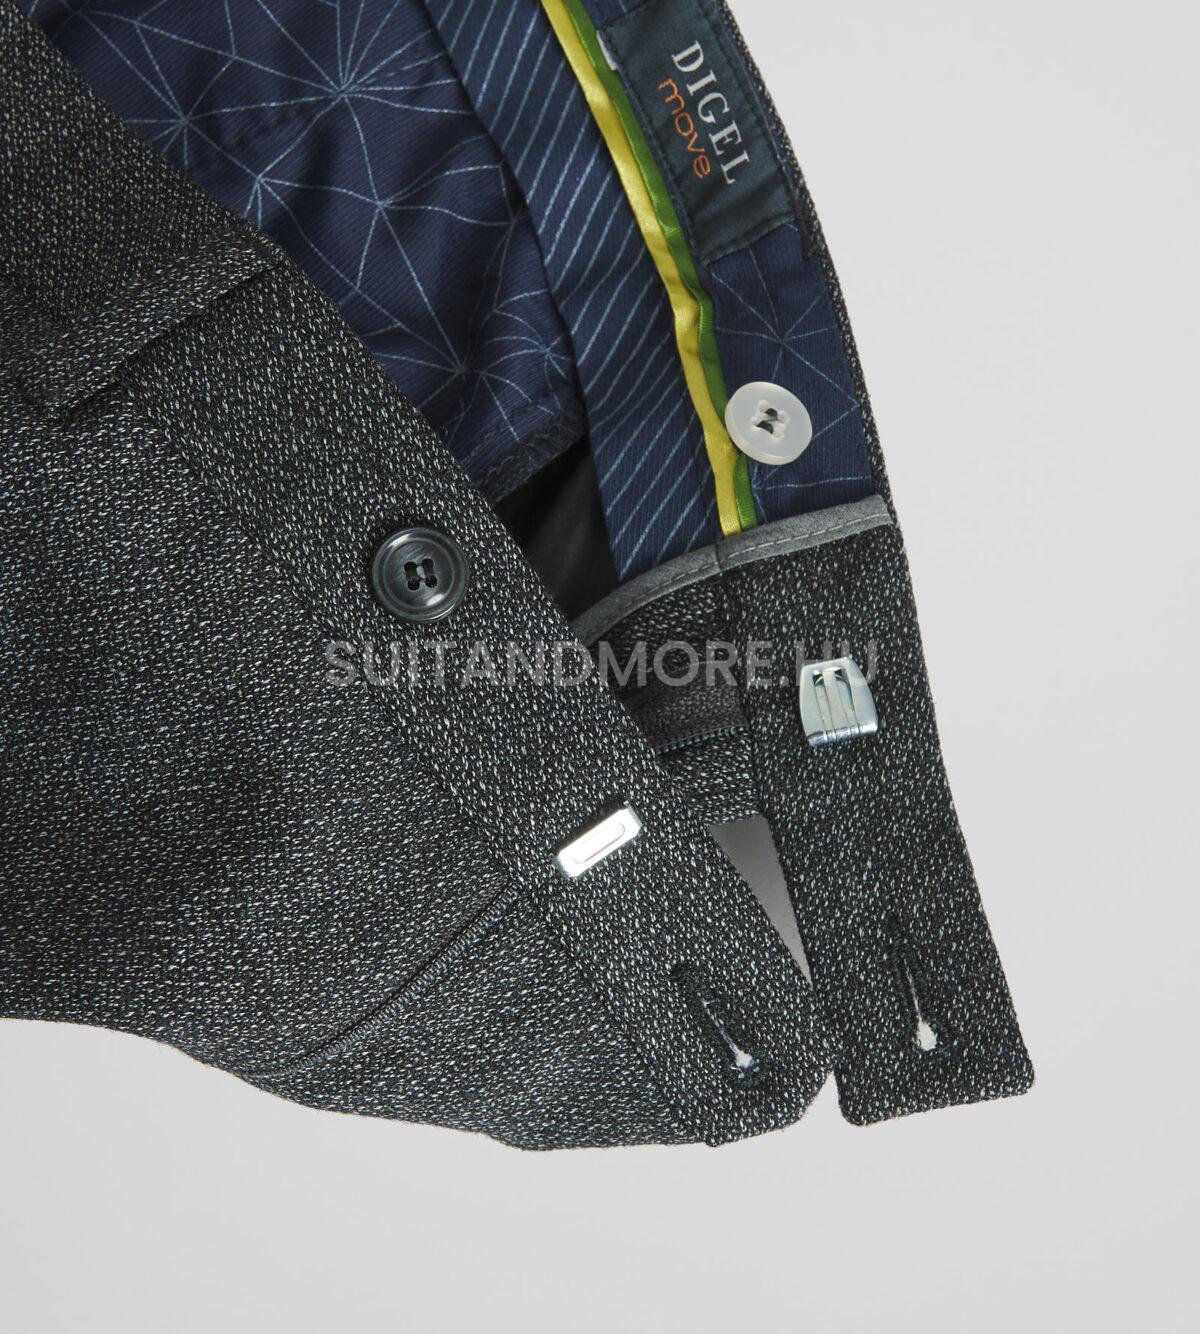 fekete-extra-slim-fit-gyapjú-kevert-szövetnadrág-NICO-1261122-12-04